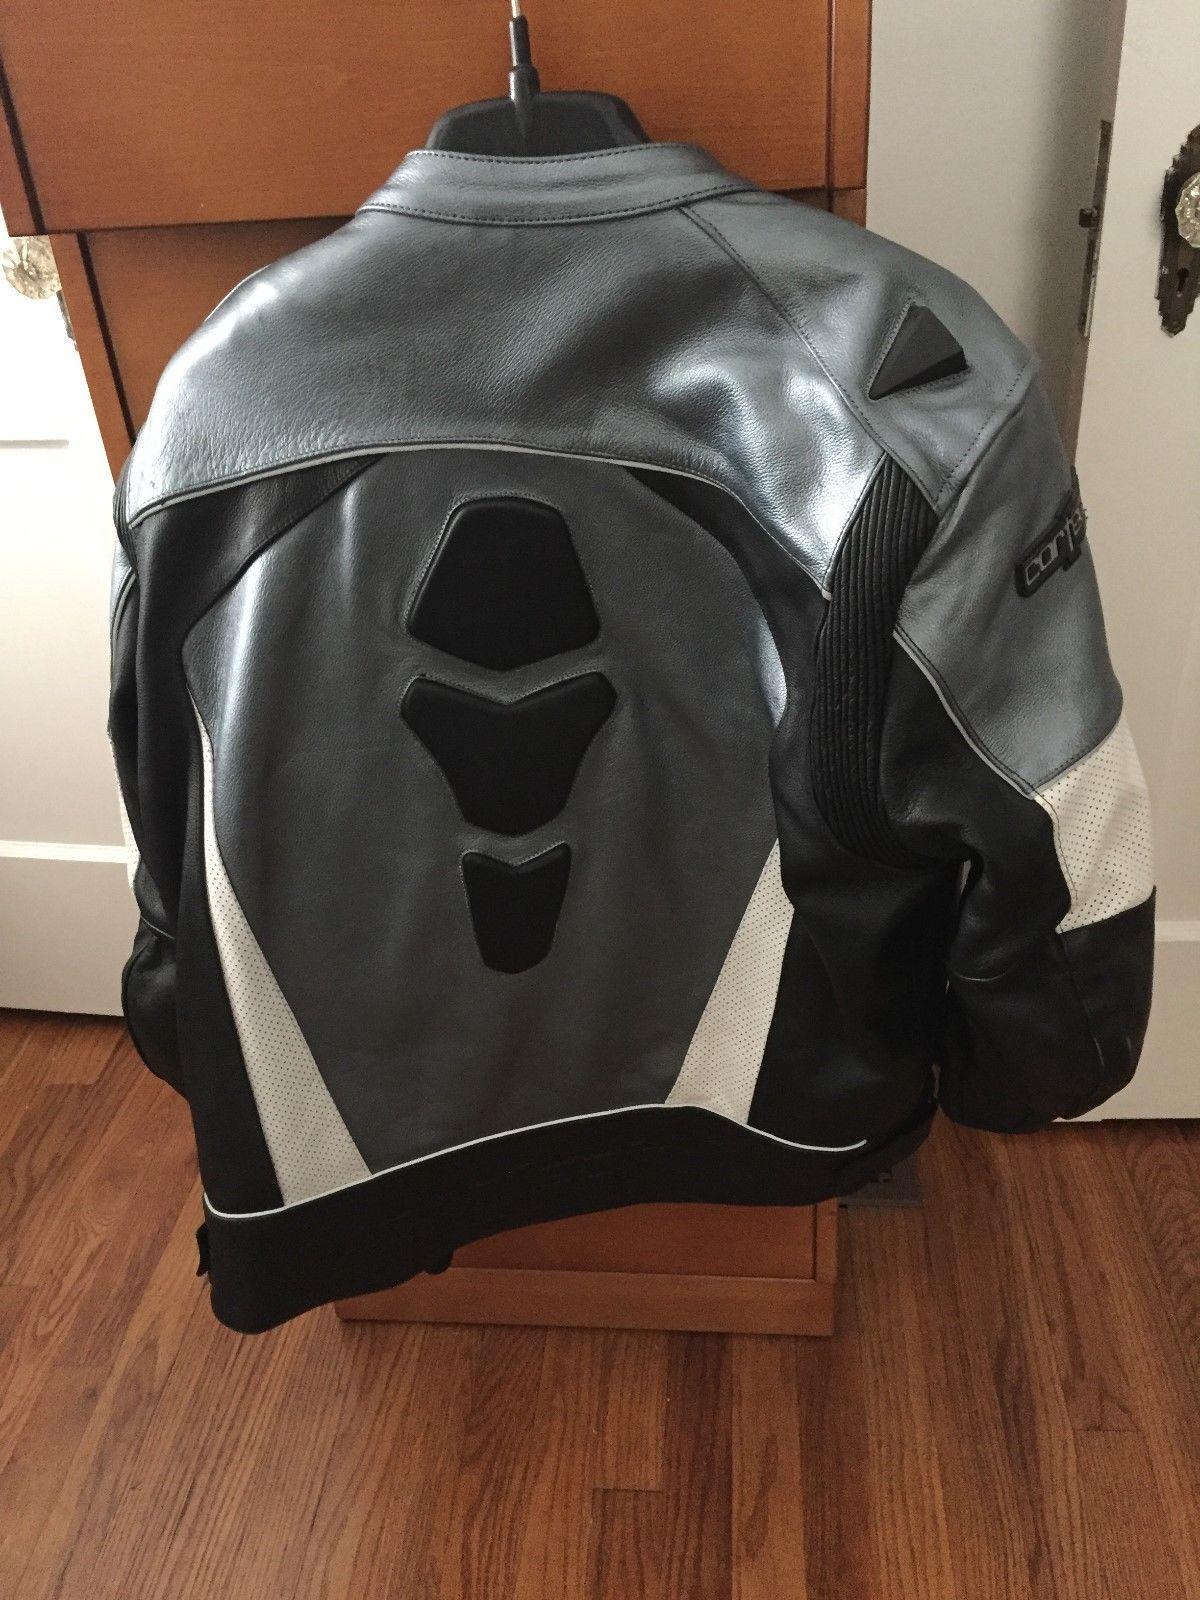 Cortech Motorcycle Jacket XXXL https://t.co/rnhU2Rm4YD https://t.co/HxKWUnvFeV